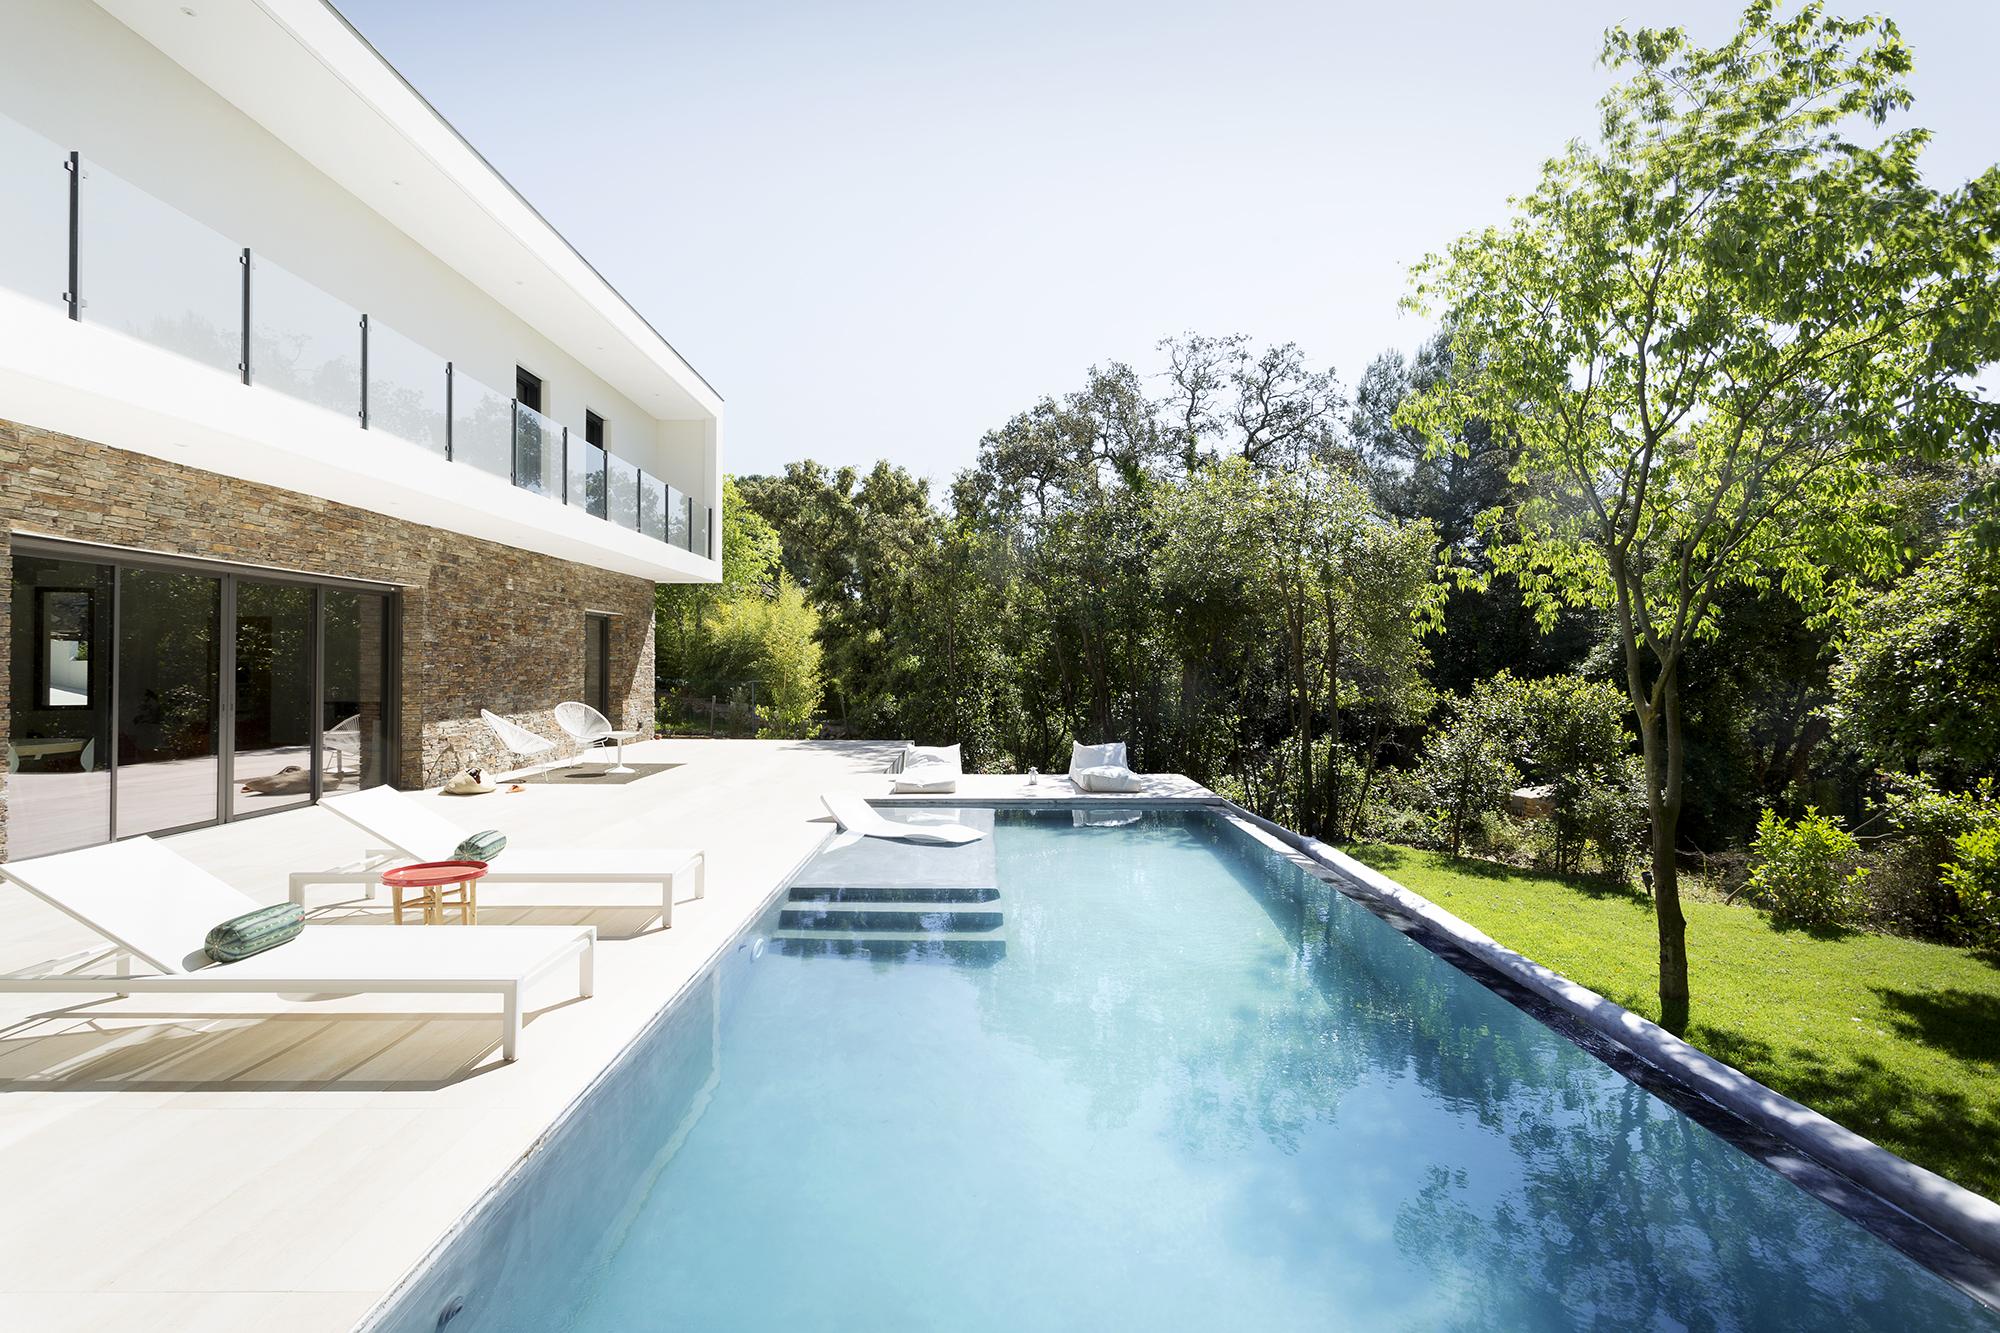 aura-architecture-julien-passerieux-architecte-architectural-teamarchi-house-mariecarolinelucat-photo